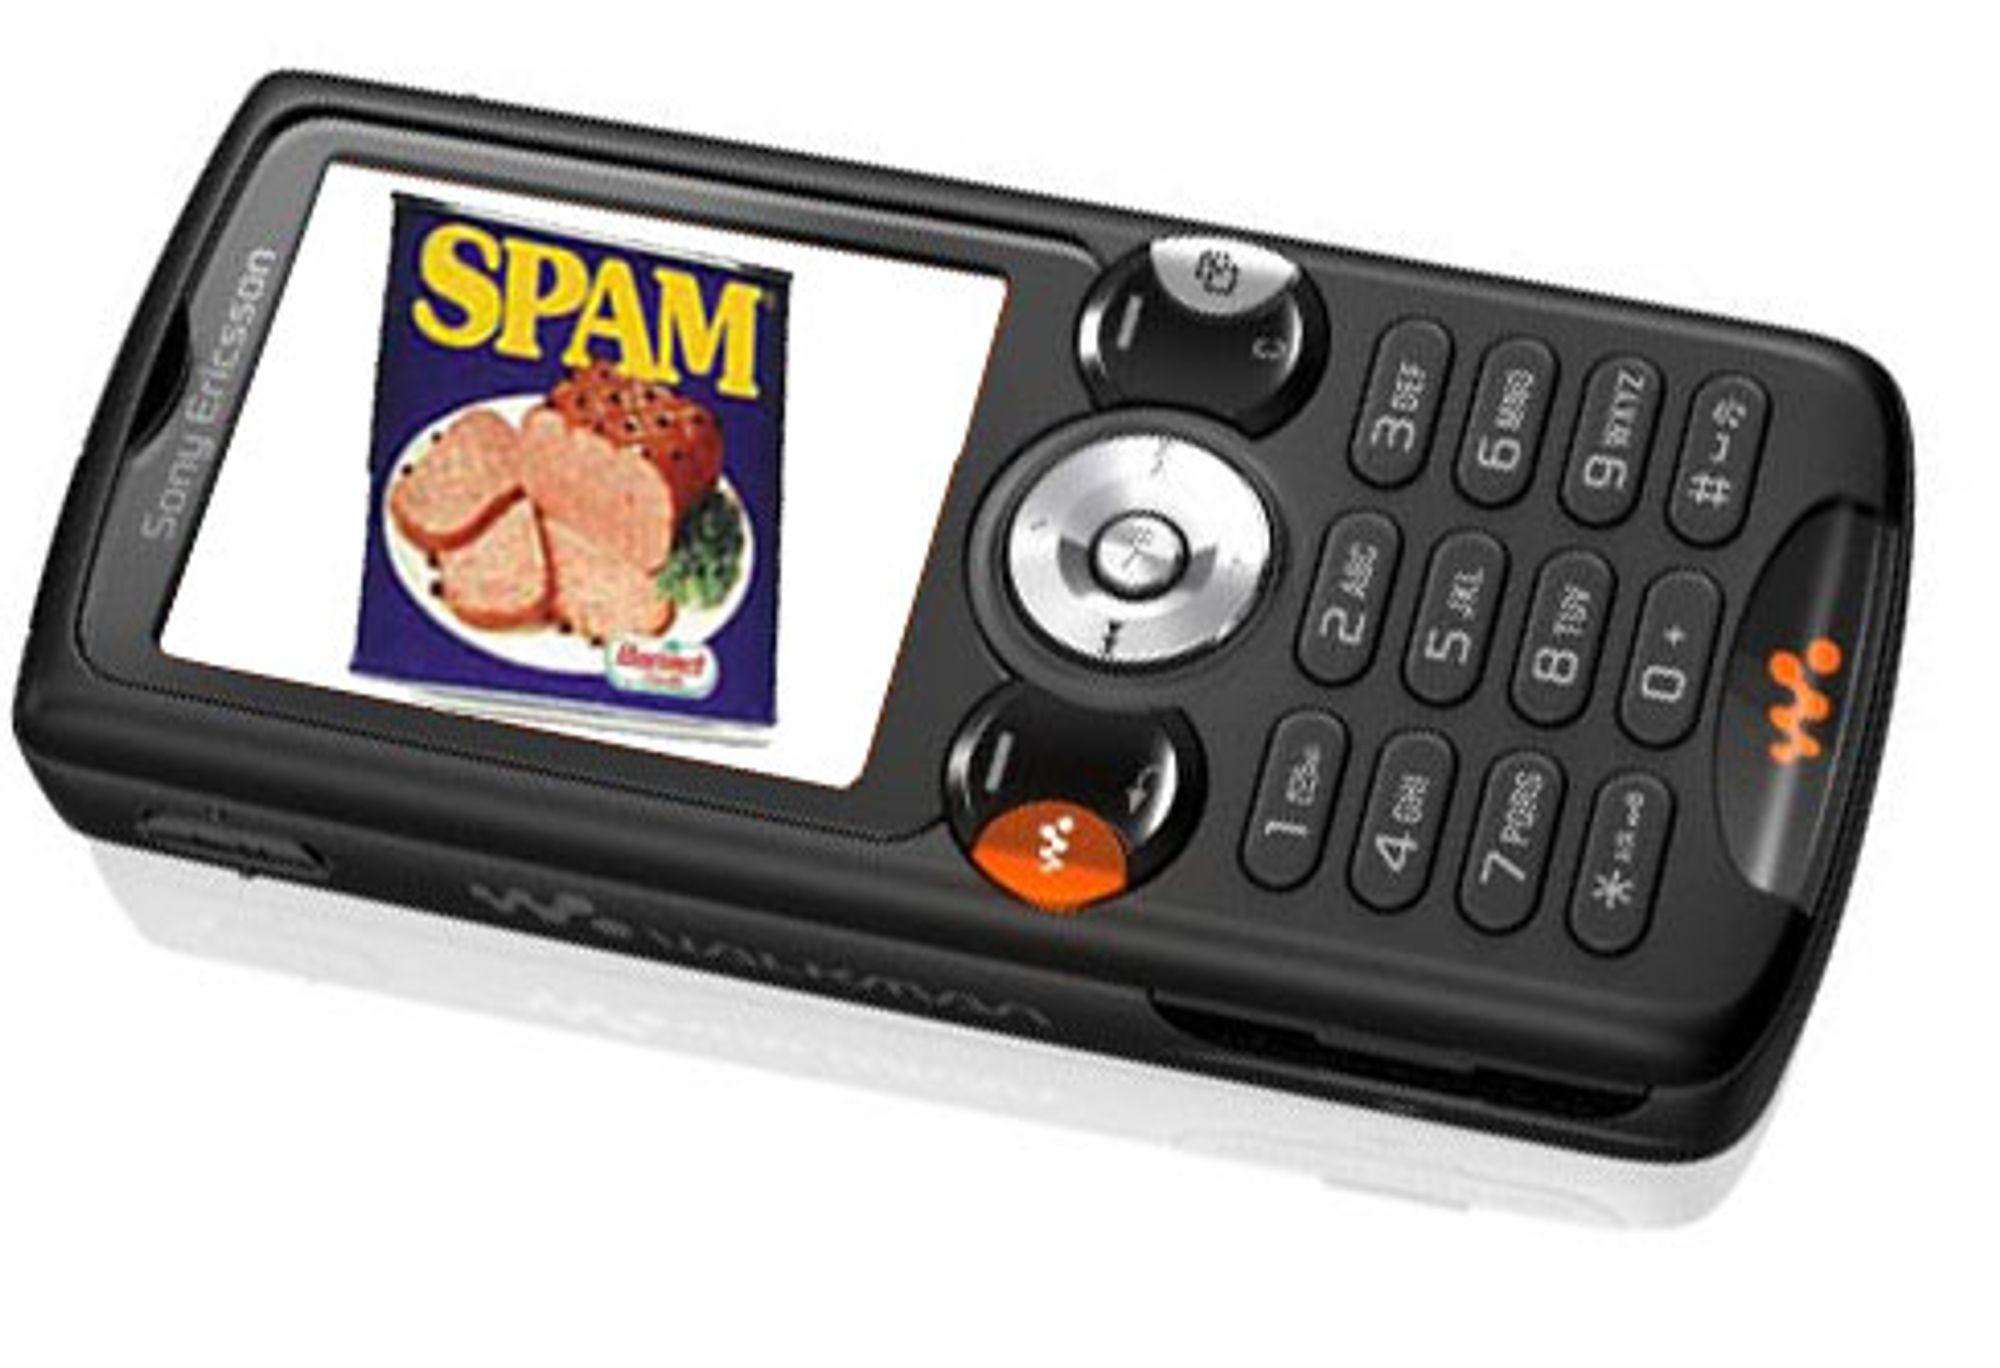 Porno-SMS klages inn for forbrukerombudet.